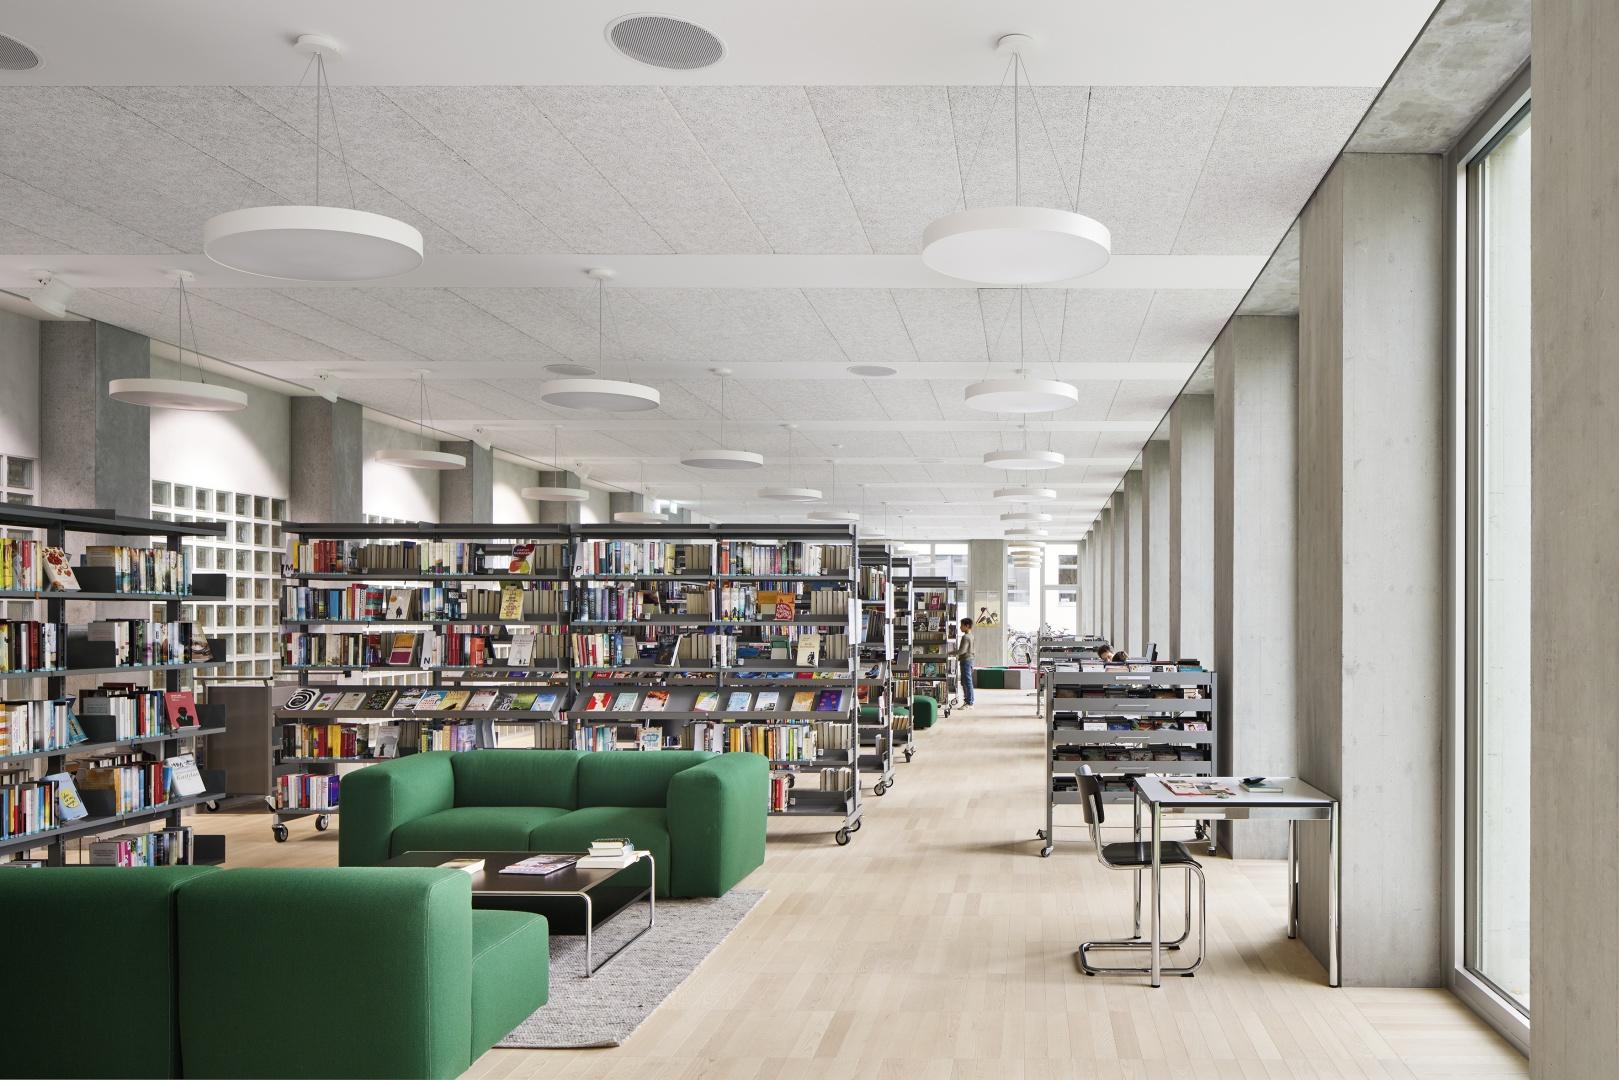 Bibliothek Primarschule Vinci © Ralph Feiner